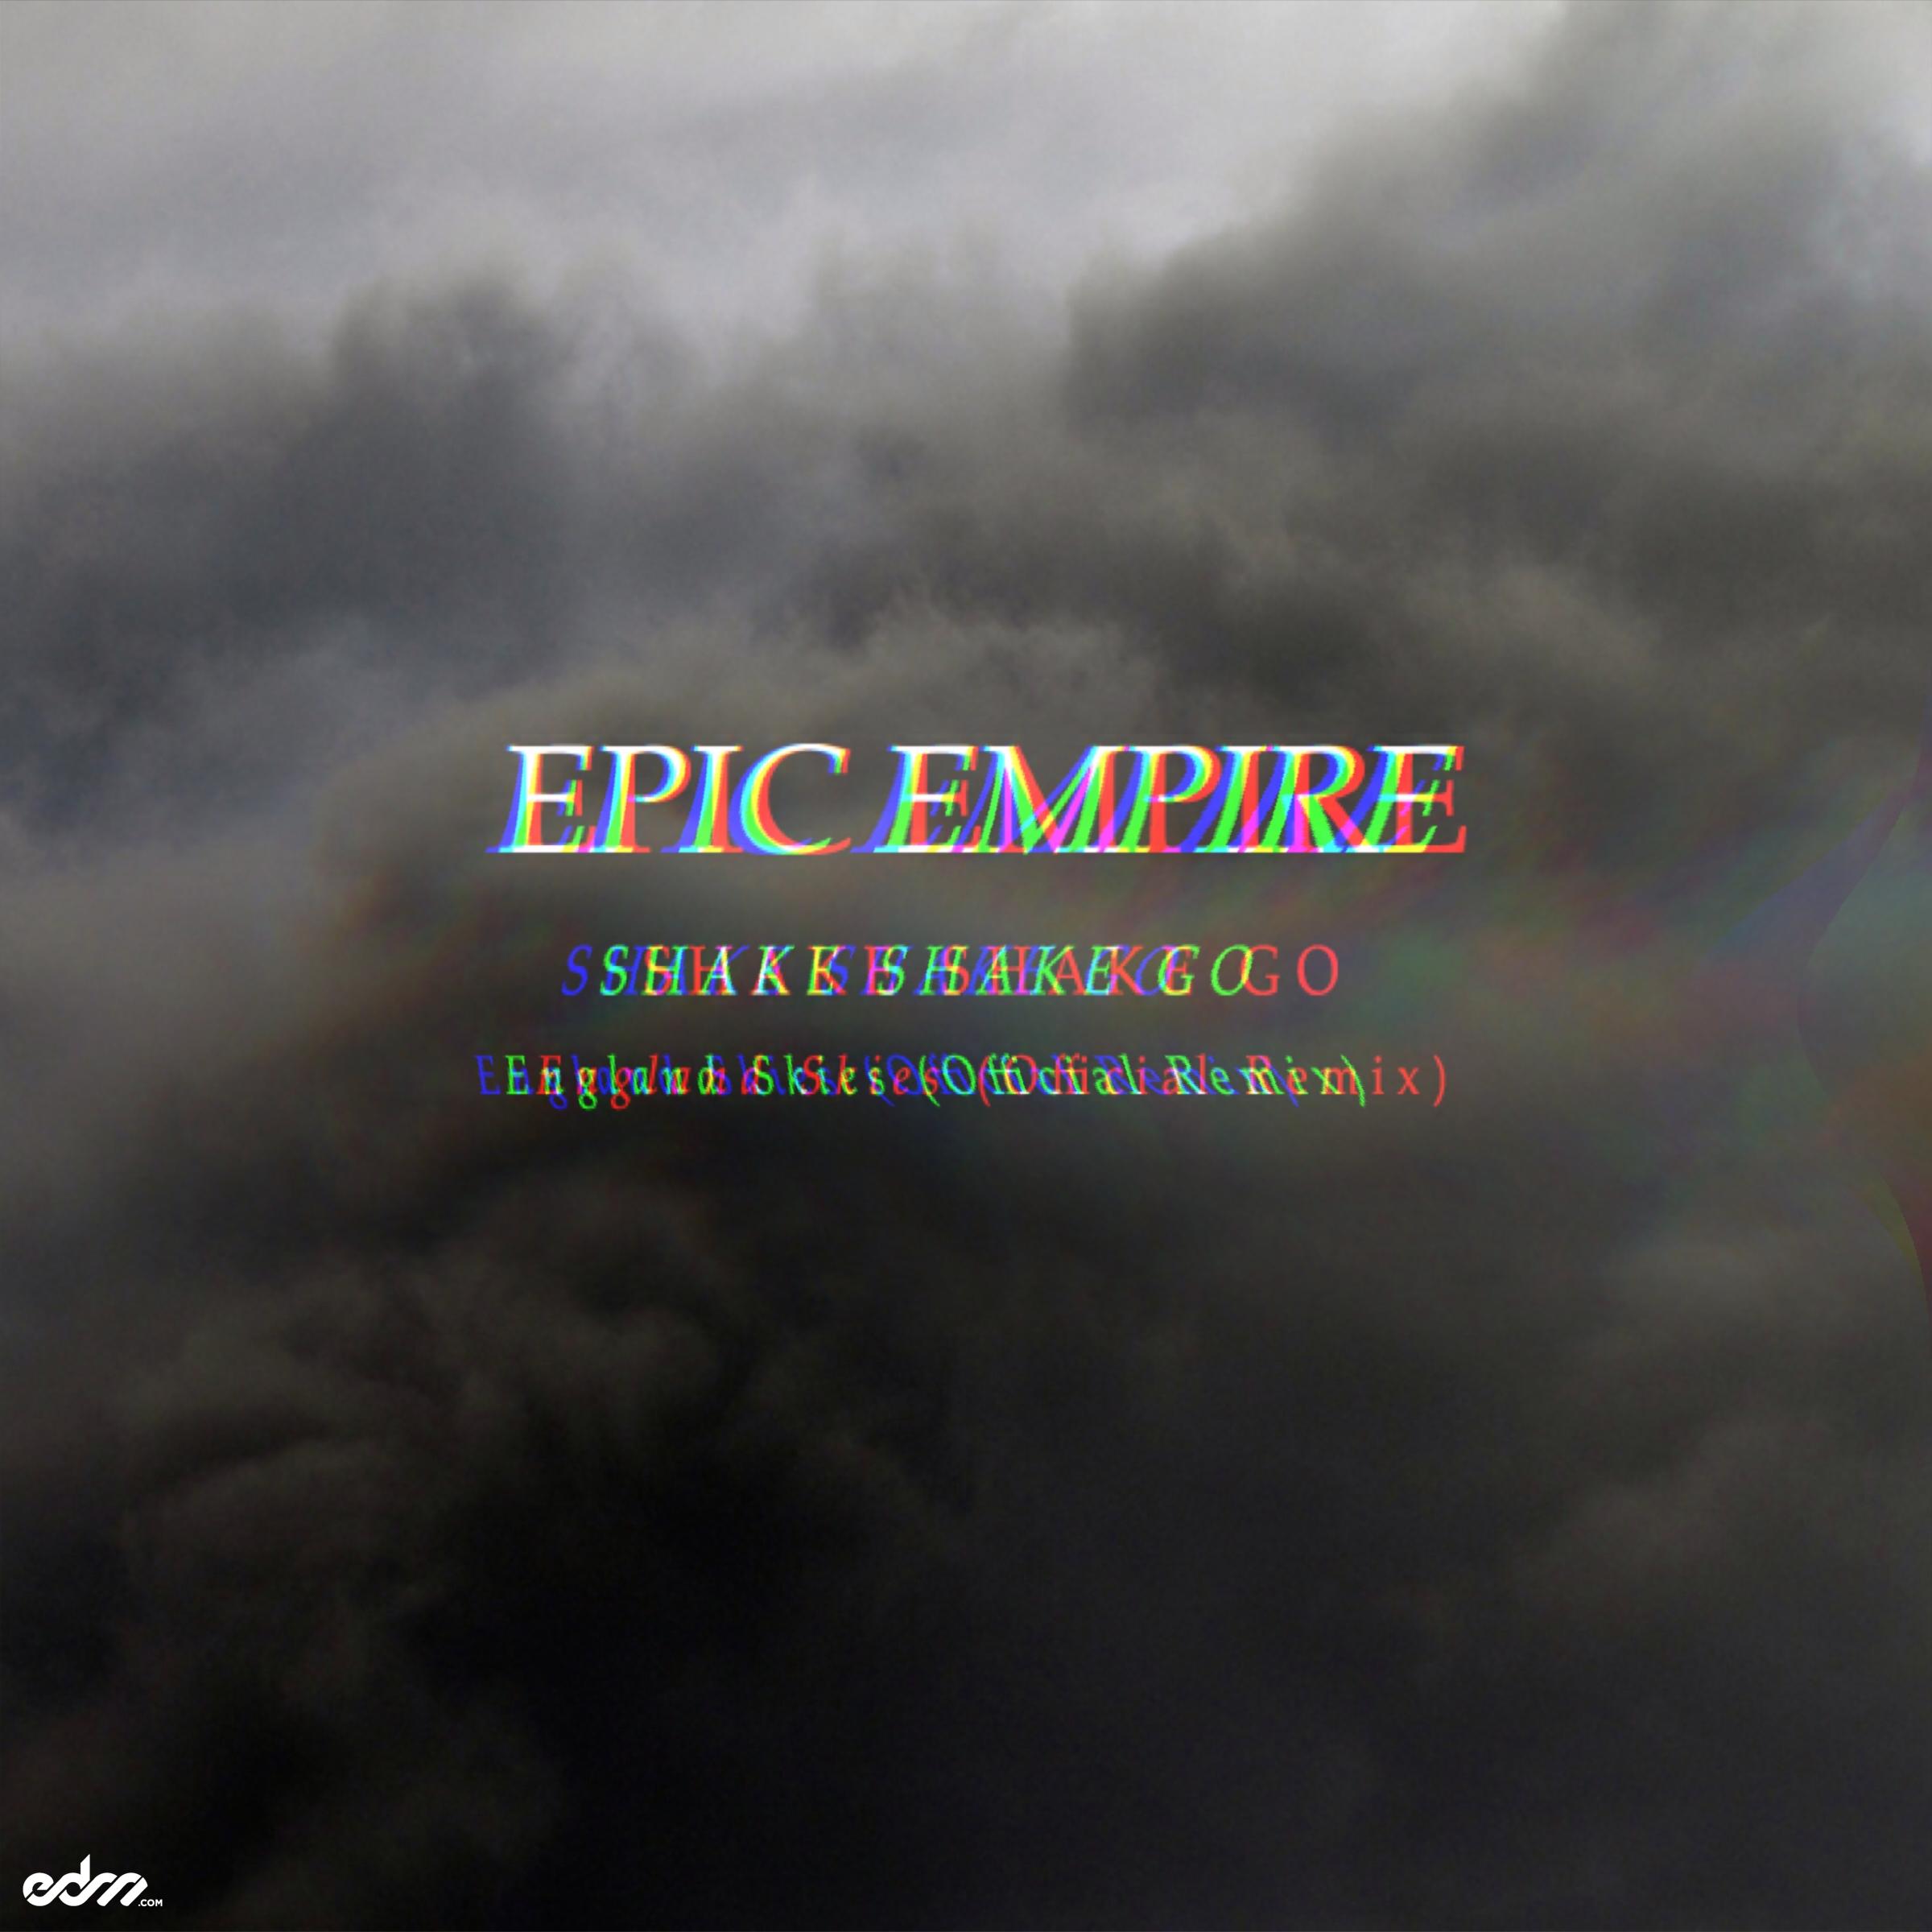 Shake Shake Go - England Skies (Epic Empire Remix)